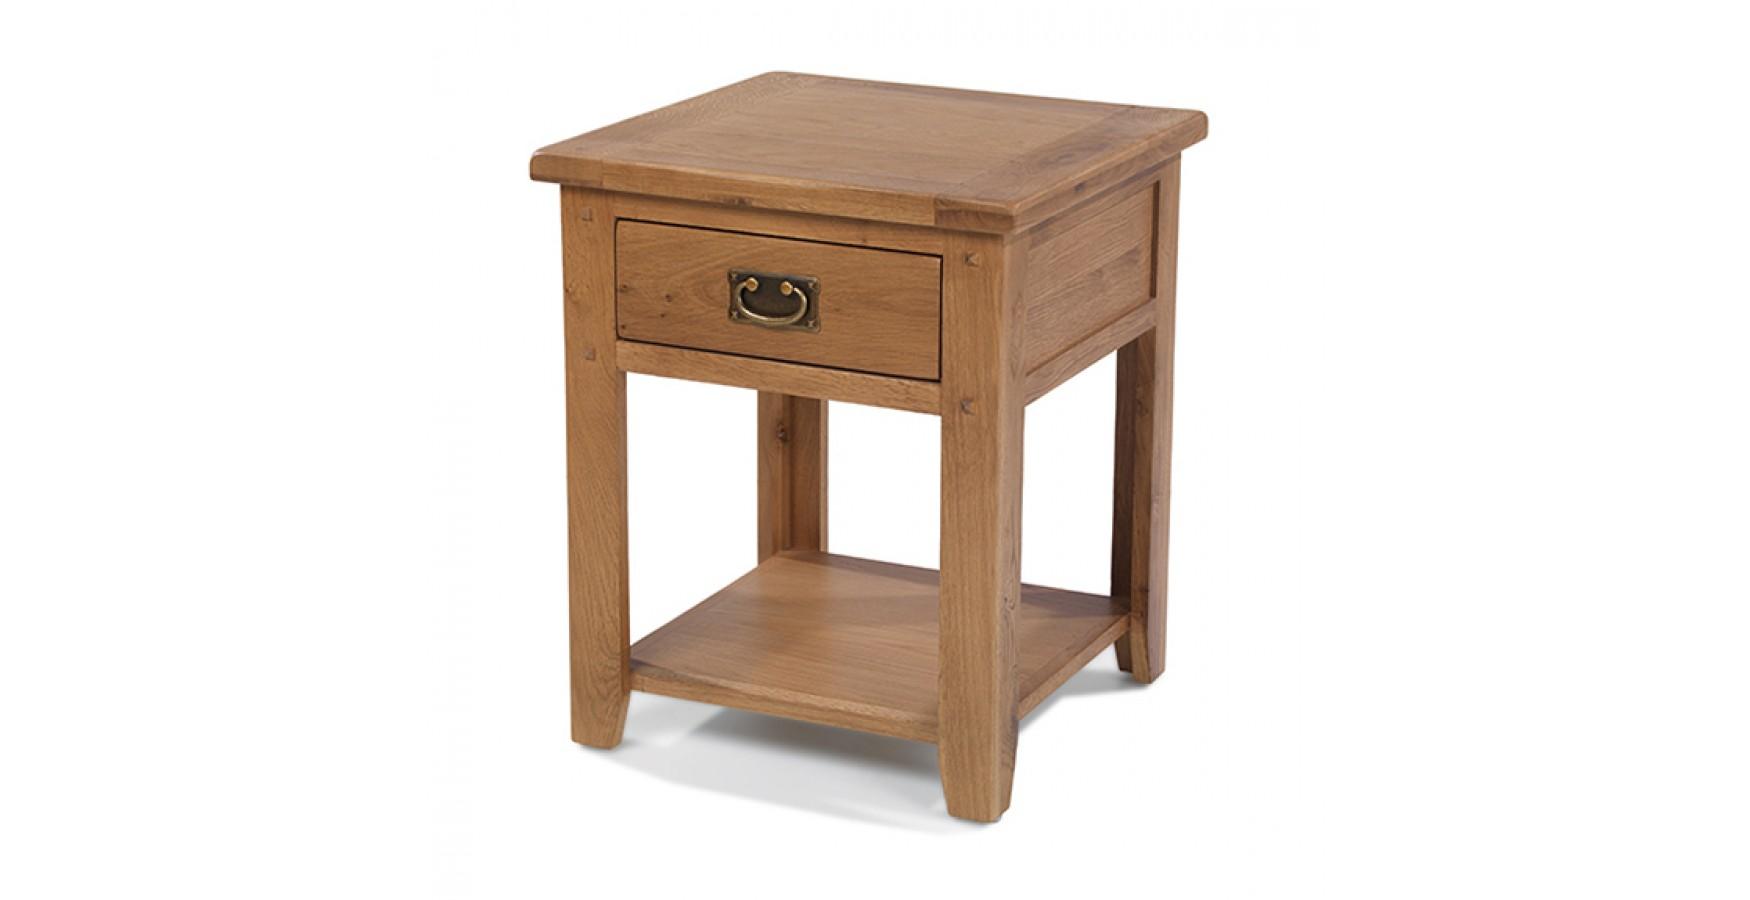 Rustic Oak Lamp Table - Lifestyle Furniture UK